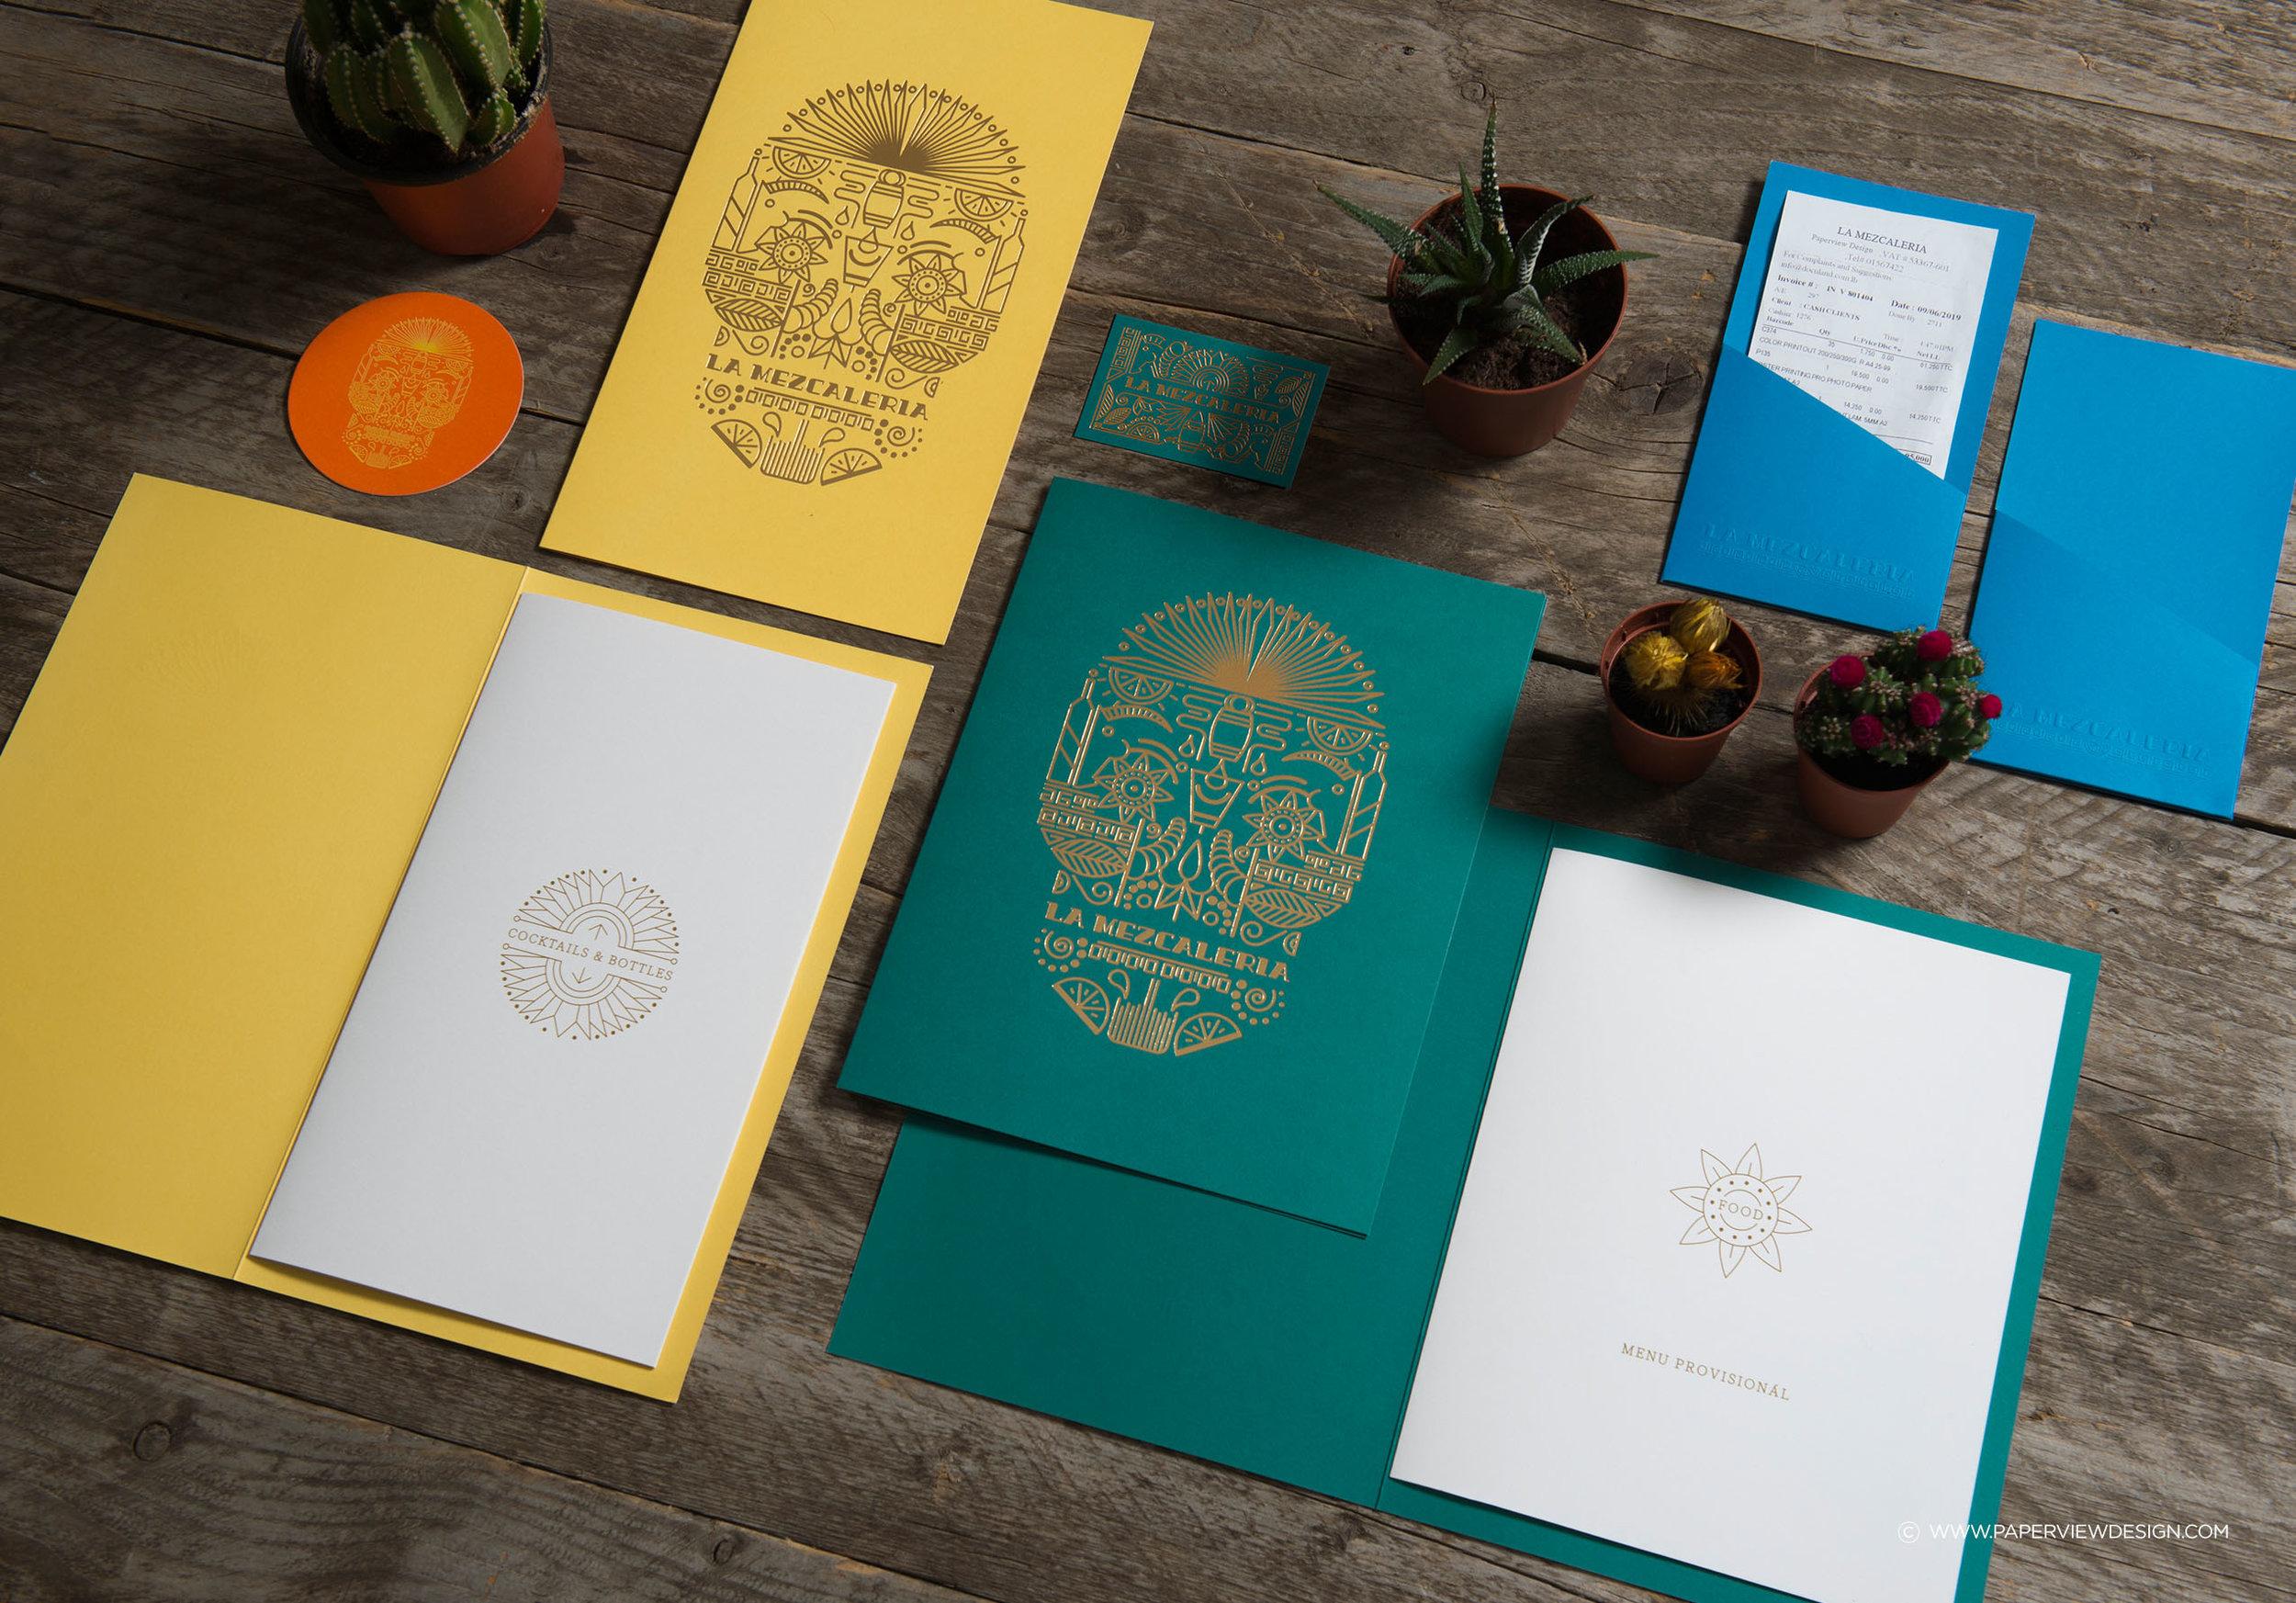 LaMezcaleria-Identity-Branding-Mexican-Bar-Restaurant-Skull-Illustration